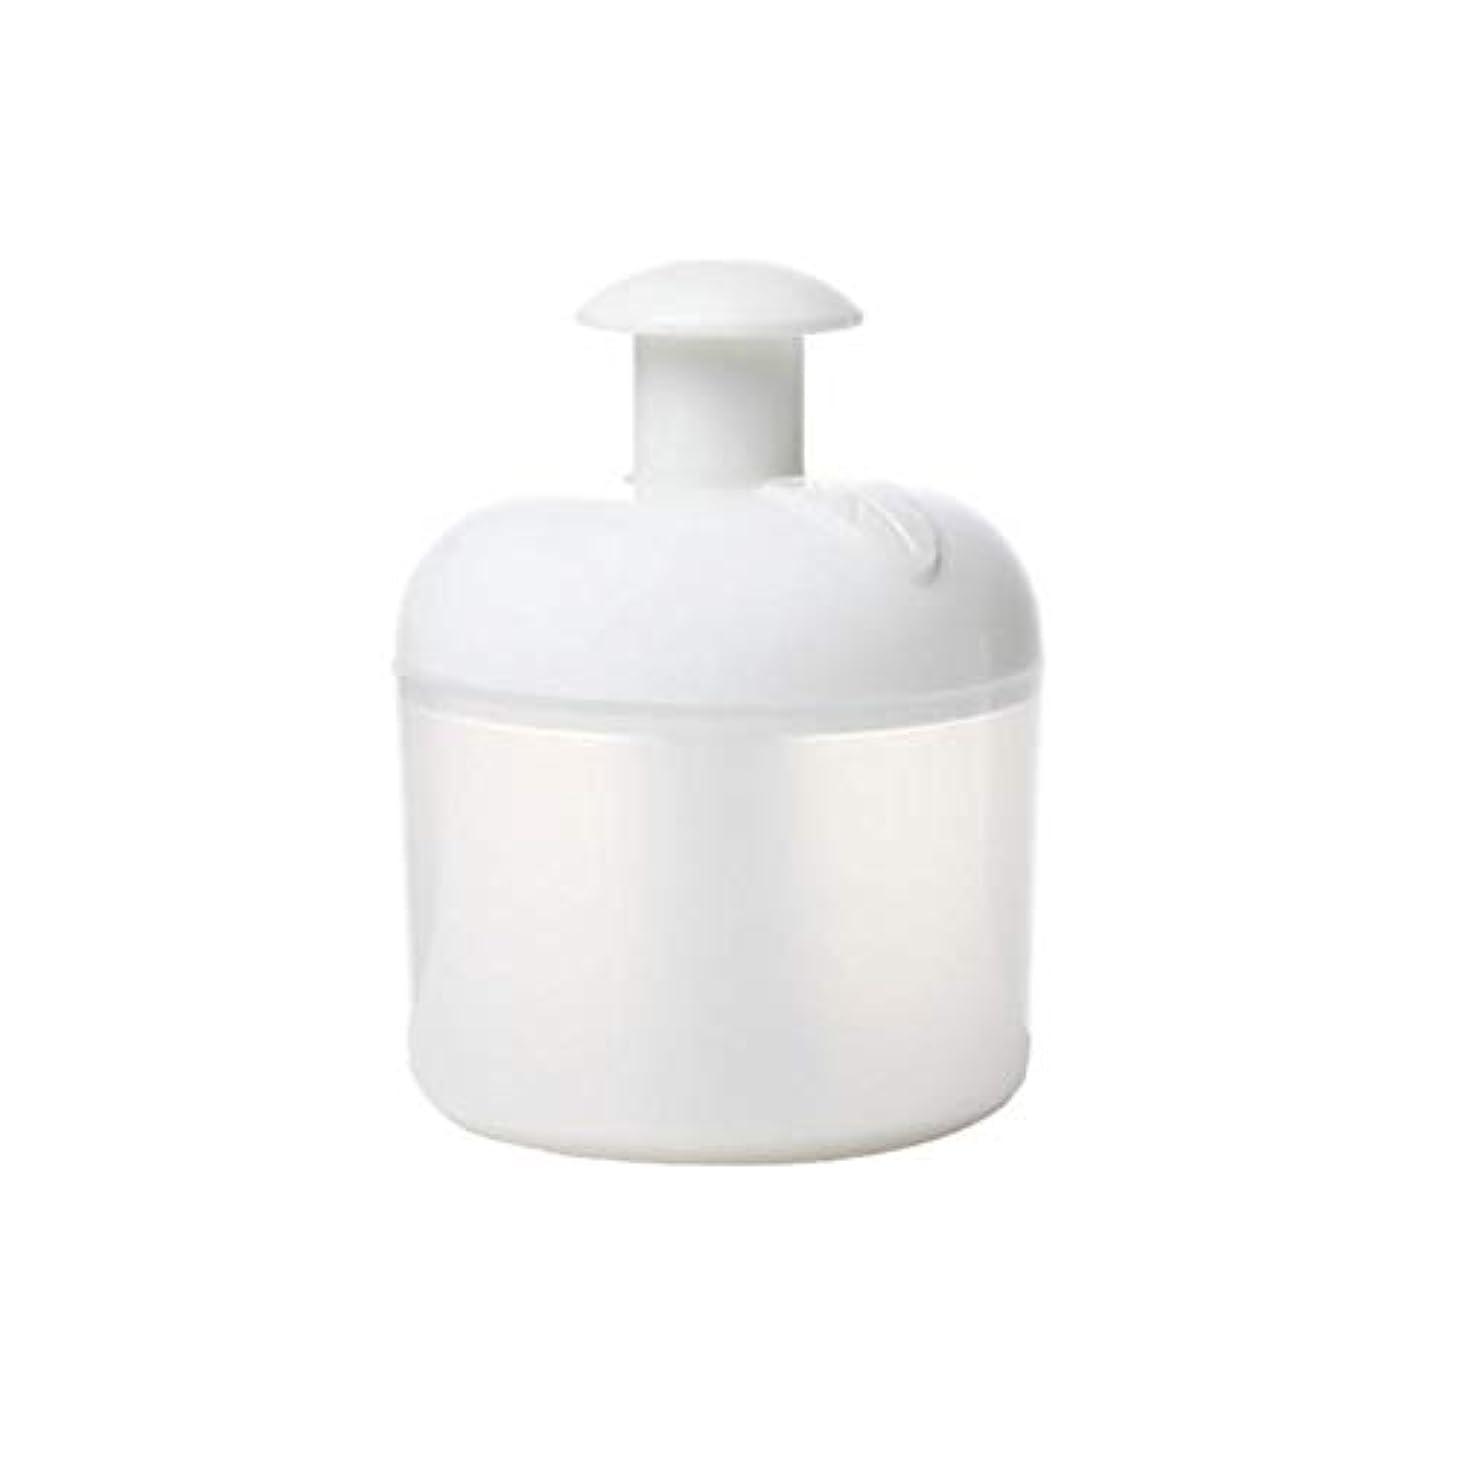 個人操作ウイルスマイクロバブルフォーマー - Dewin 洗顔泡立て器 洗顔ネット マイクロホイッパー クリーンツール 7倍の濃厚なバブル 美容グッズ